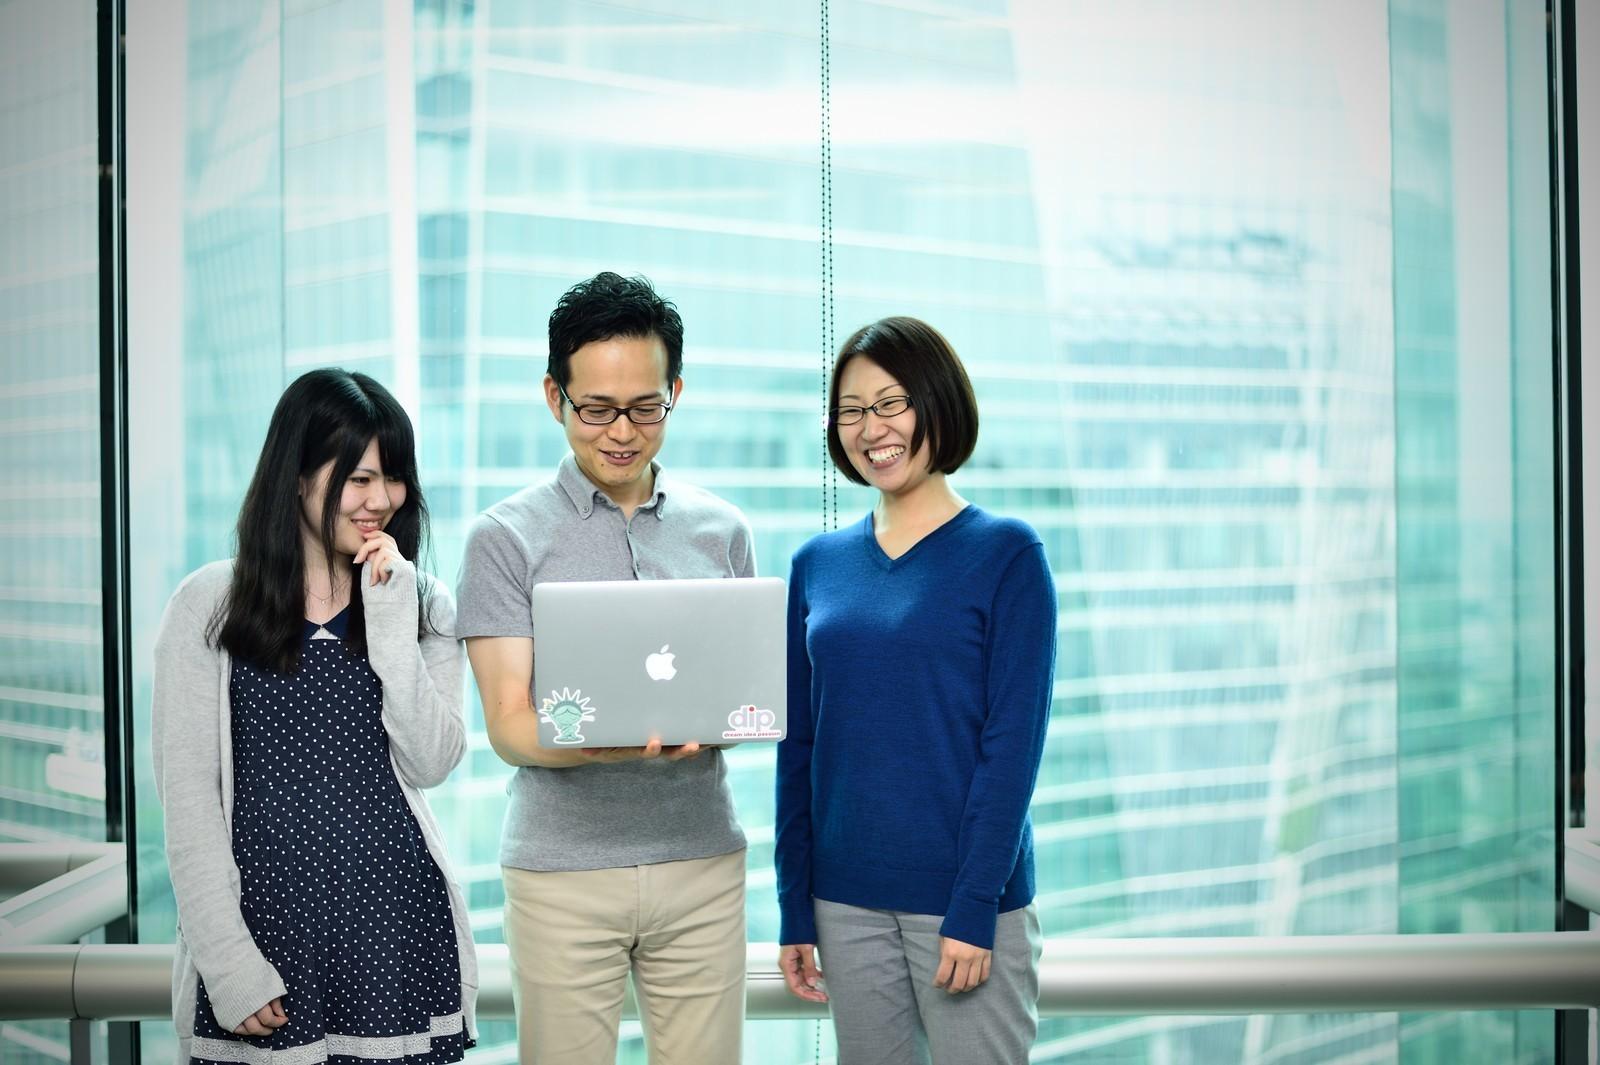 日本最大級のアルバイト求人情報サイト『バイトル』などの開発に携わるwebエンジニアを募集!